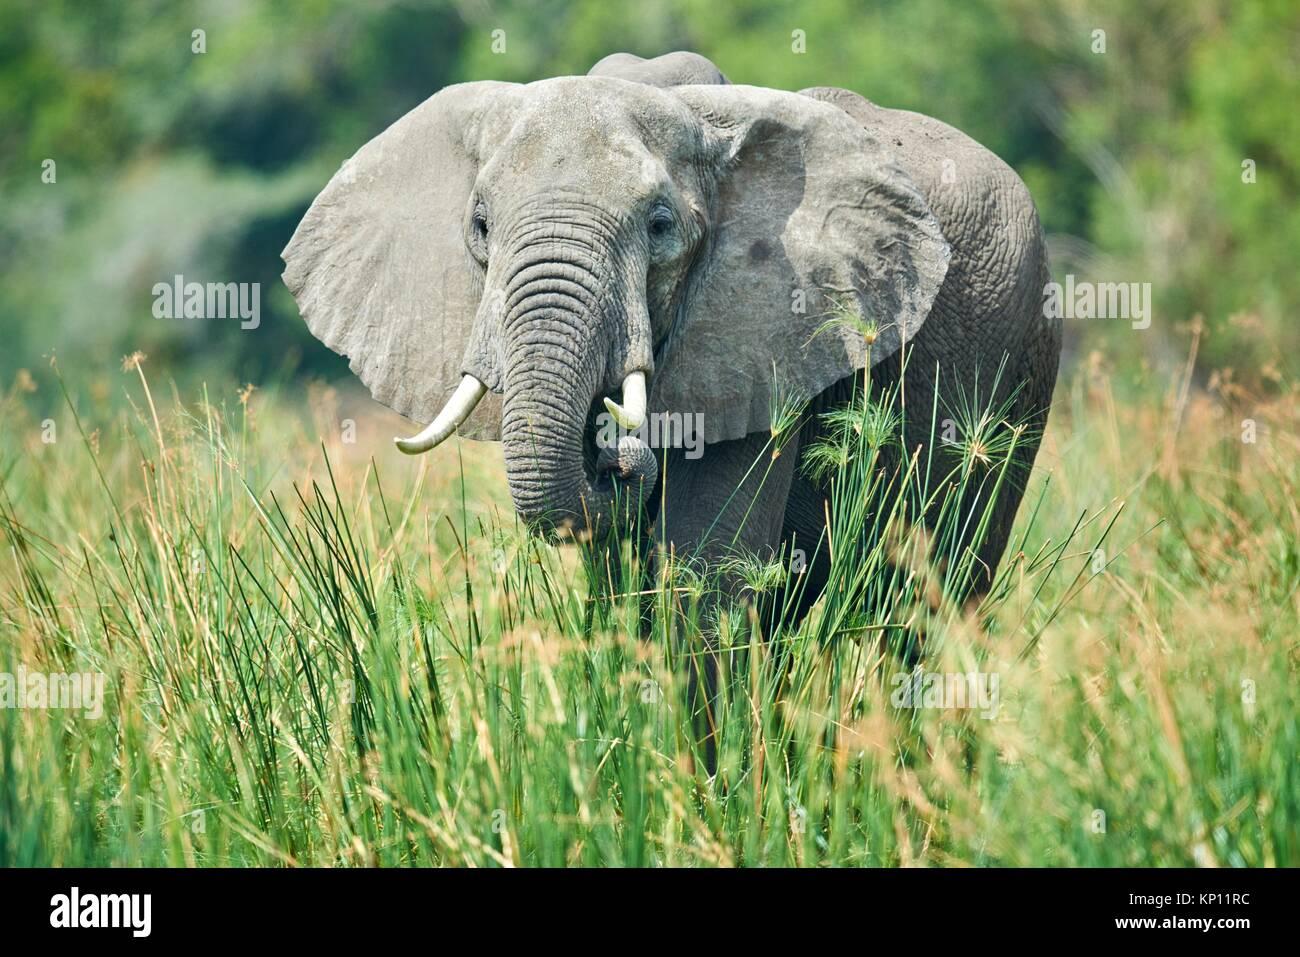 African elephant (Loxodonta africana) feeding on vegetation. Murchisson Falls National Park, Uganda. - Stock Image